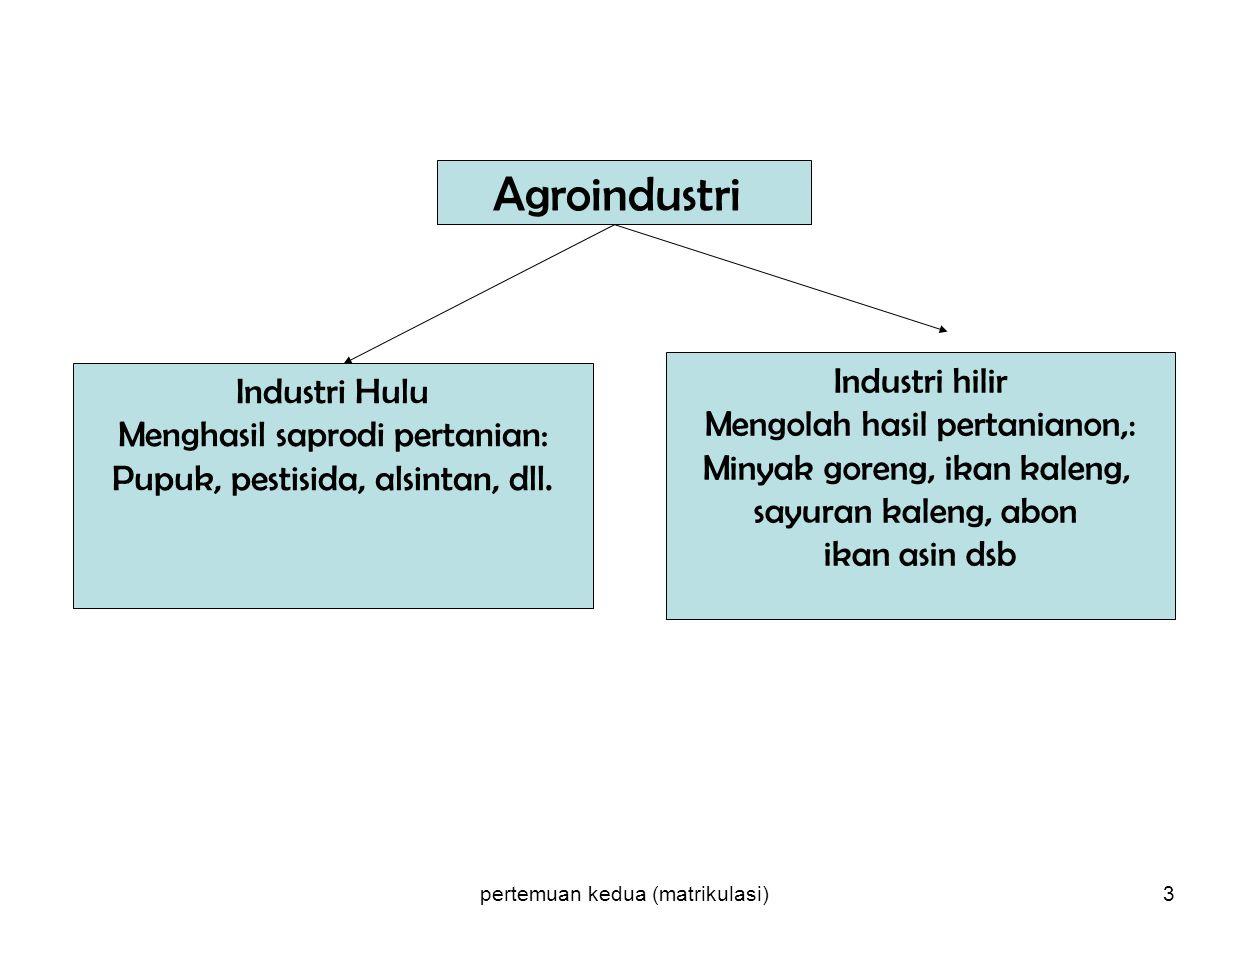 pertemuan kedua (matrikulasi)3 Agroindustri Industri Hulu Menghasil saprodi pertanian: Pupuk, pestisida, alsintan, dll. Industri hilir Mengolah hasil